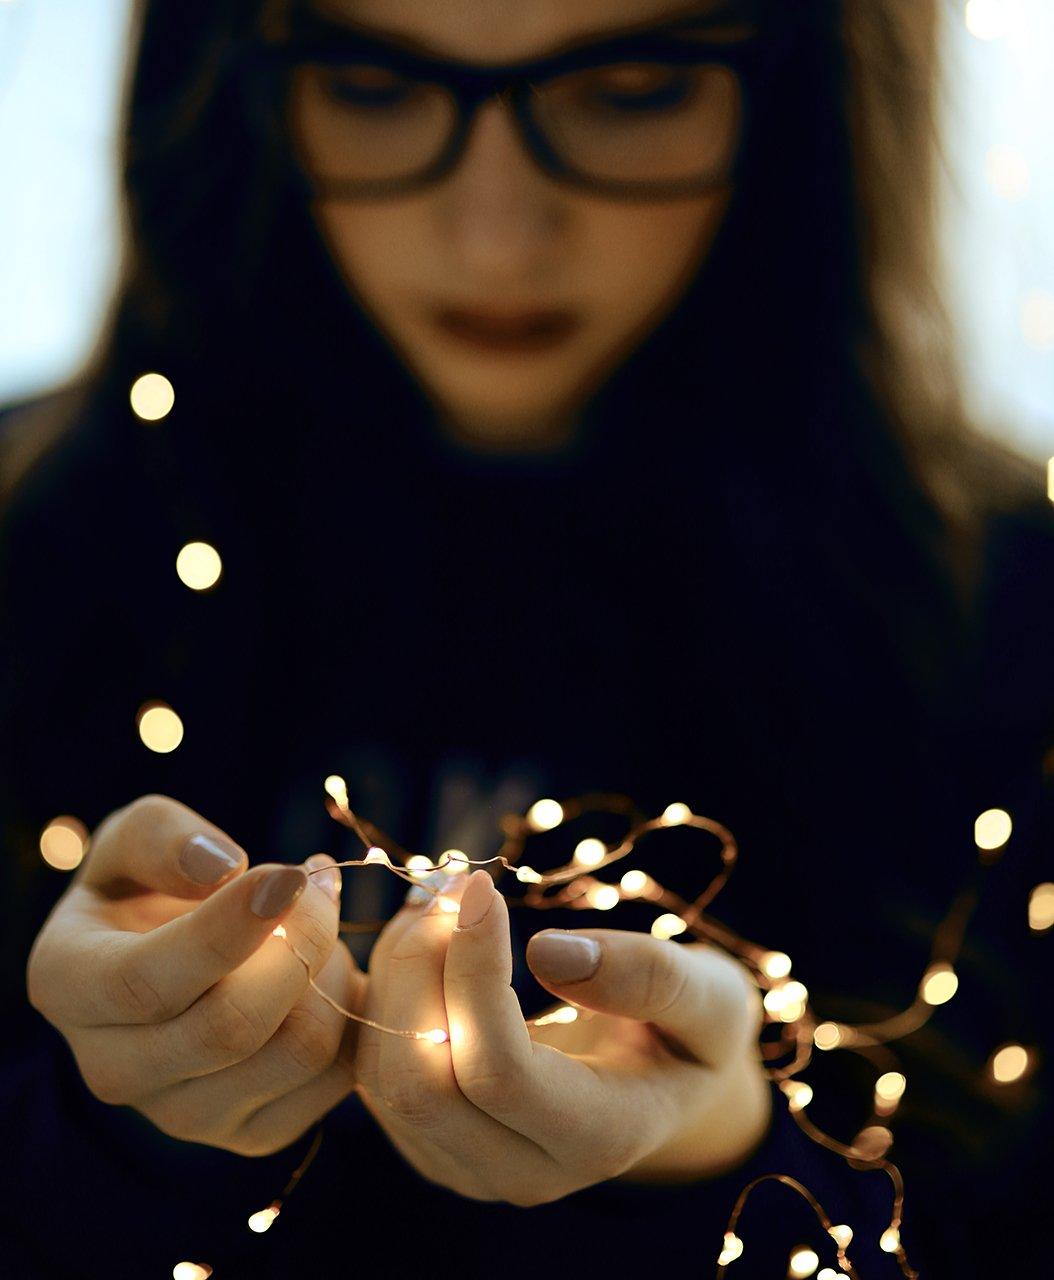 руки, огоньки, фонарики, очки, мода, Комарова Дарья